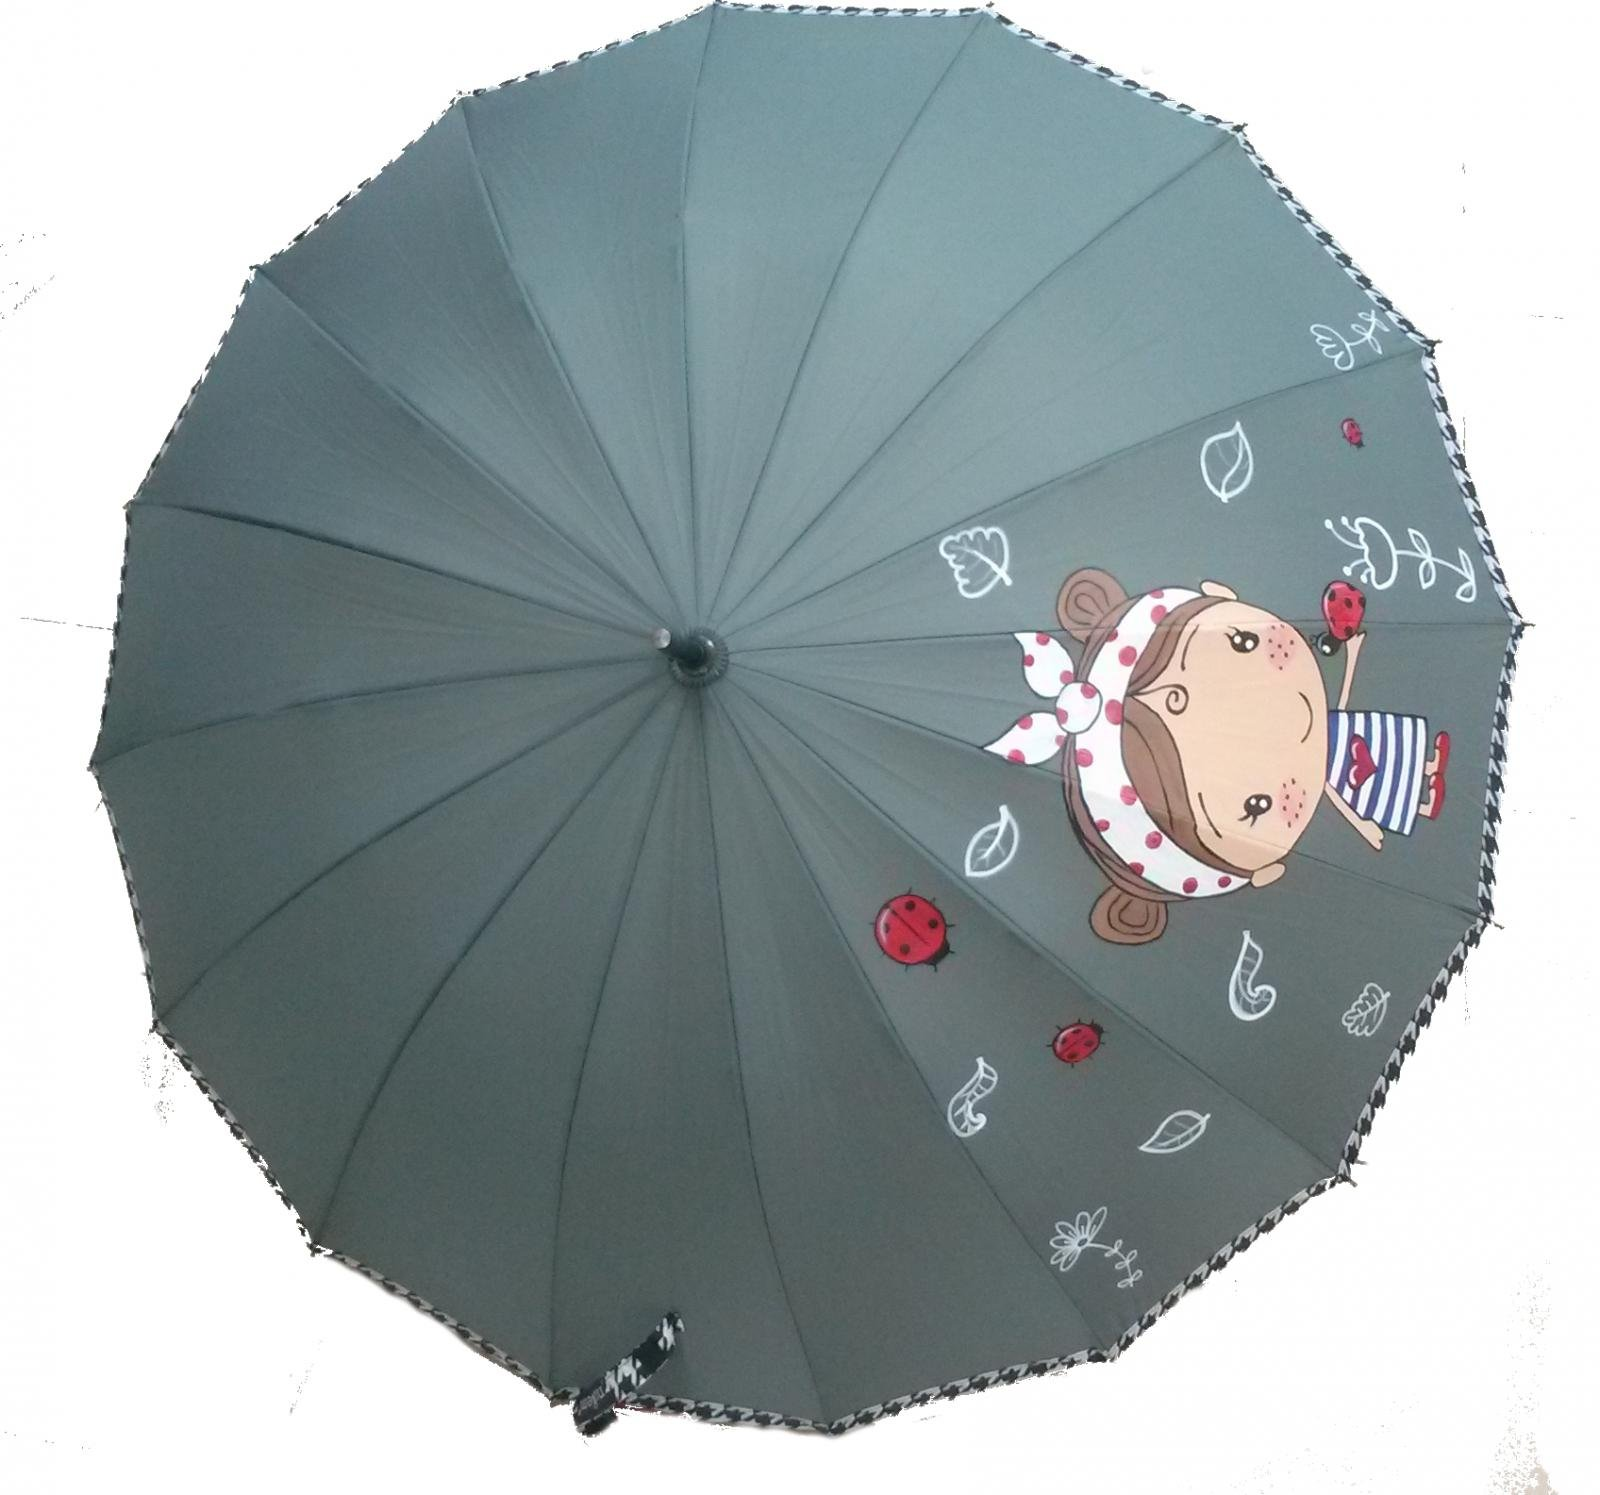 paraguas maestra